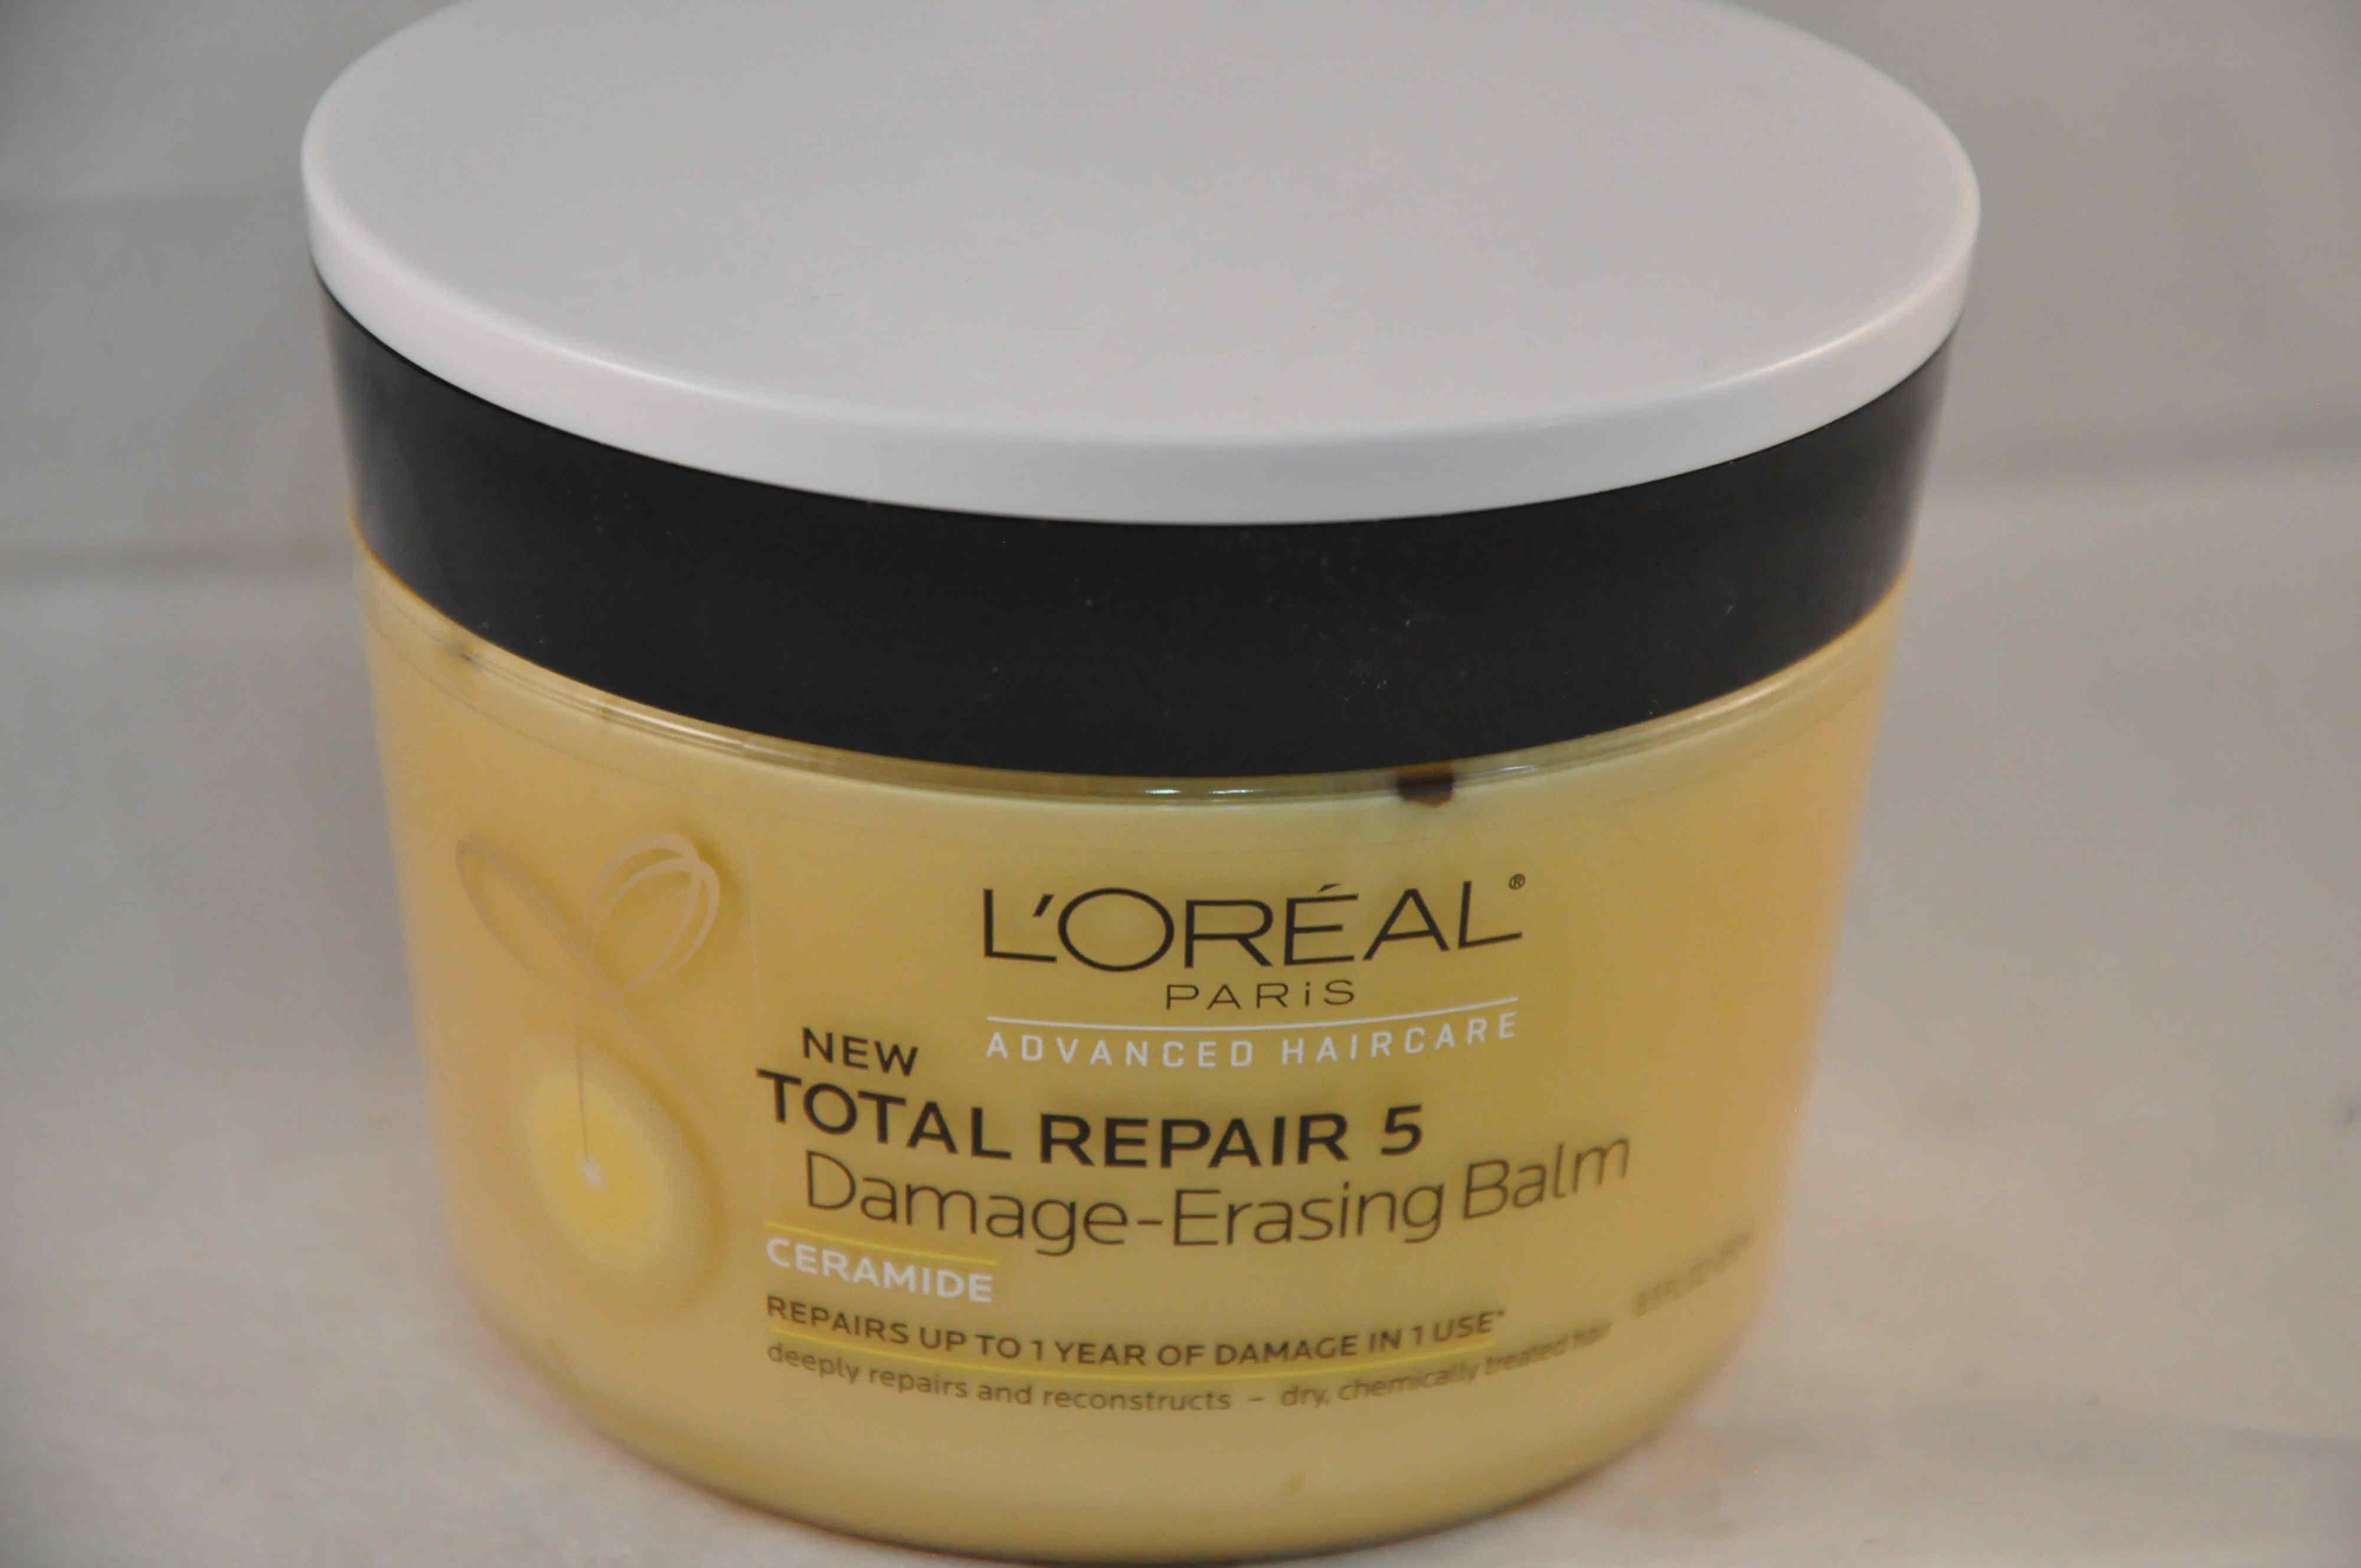 LOreal Advanced Haircare Total Repair Balm